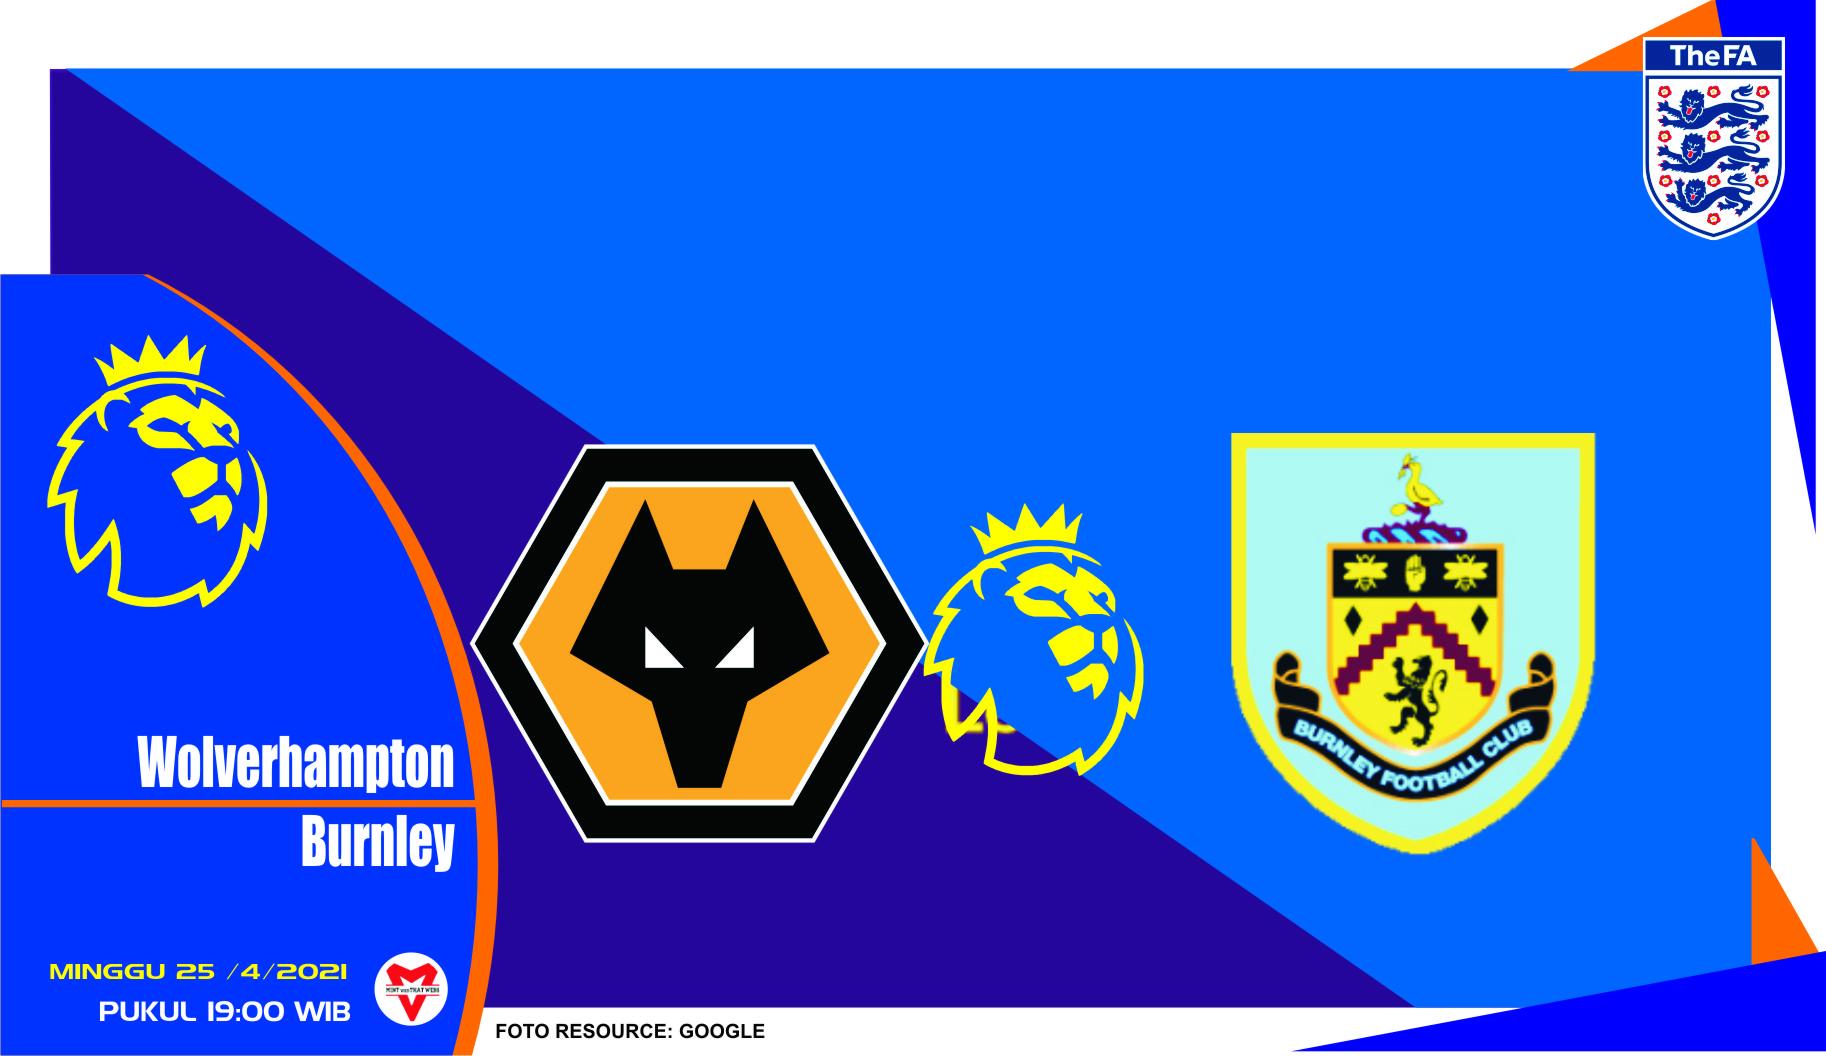 Prediksi Liga Inggris: Wolverhampton vs Burnley - 25 April 2021